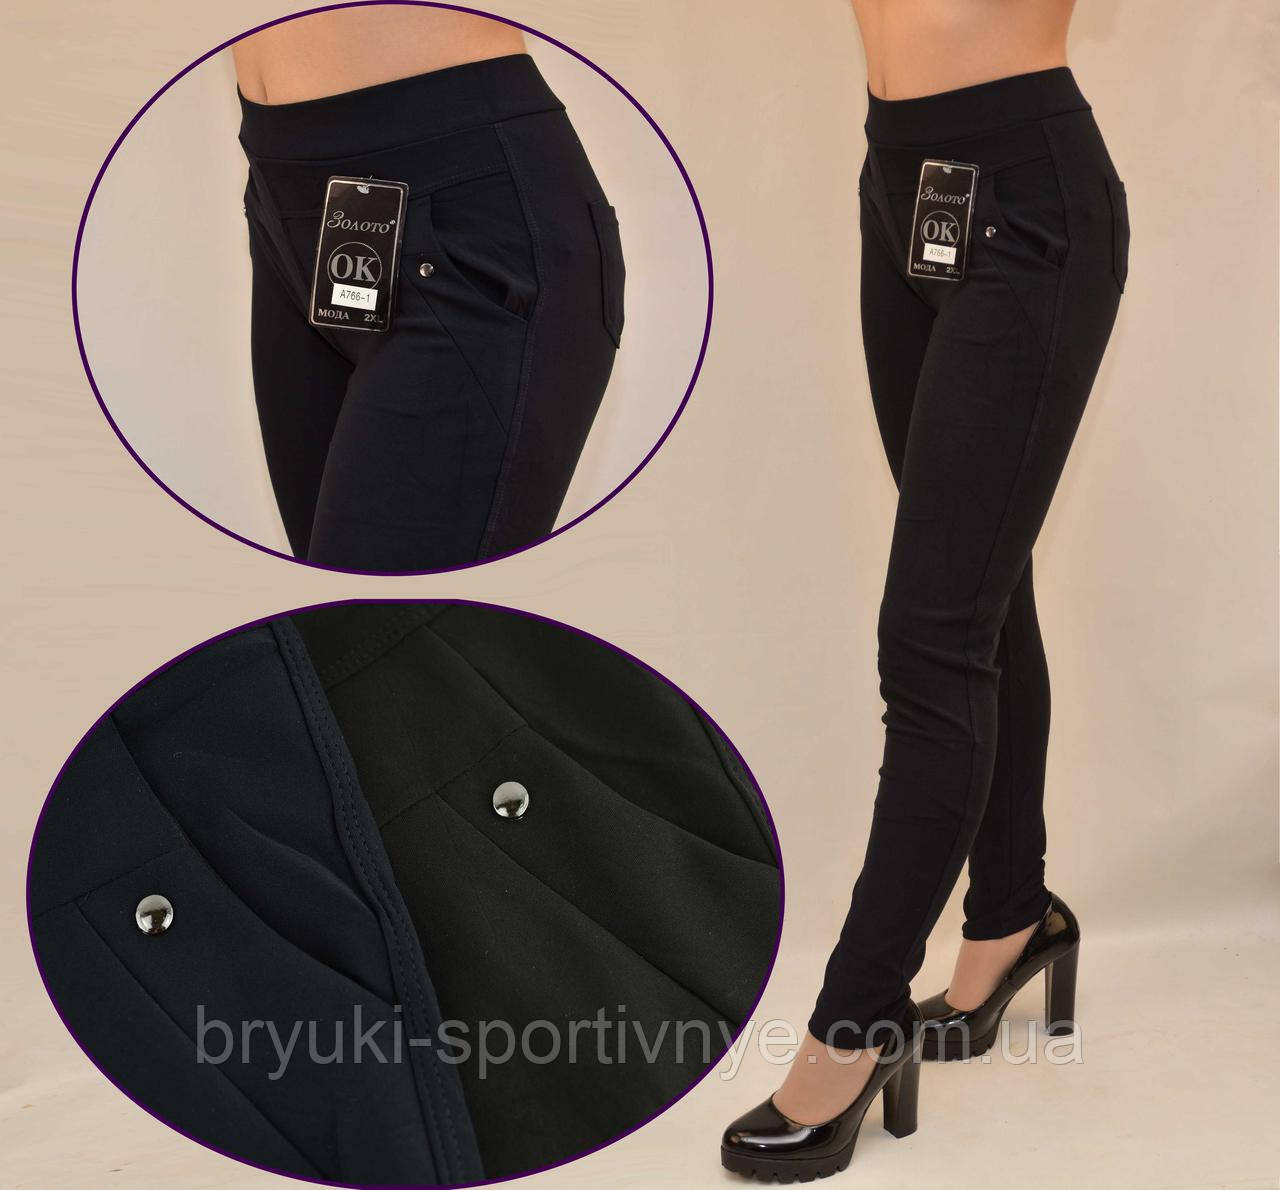 Лосины женские с боковыми и задними карманами - микродайвинг